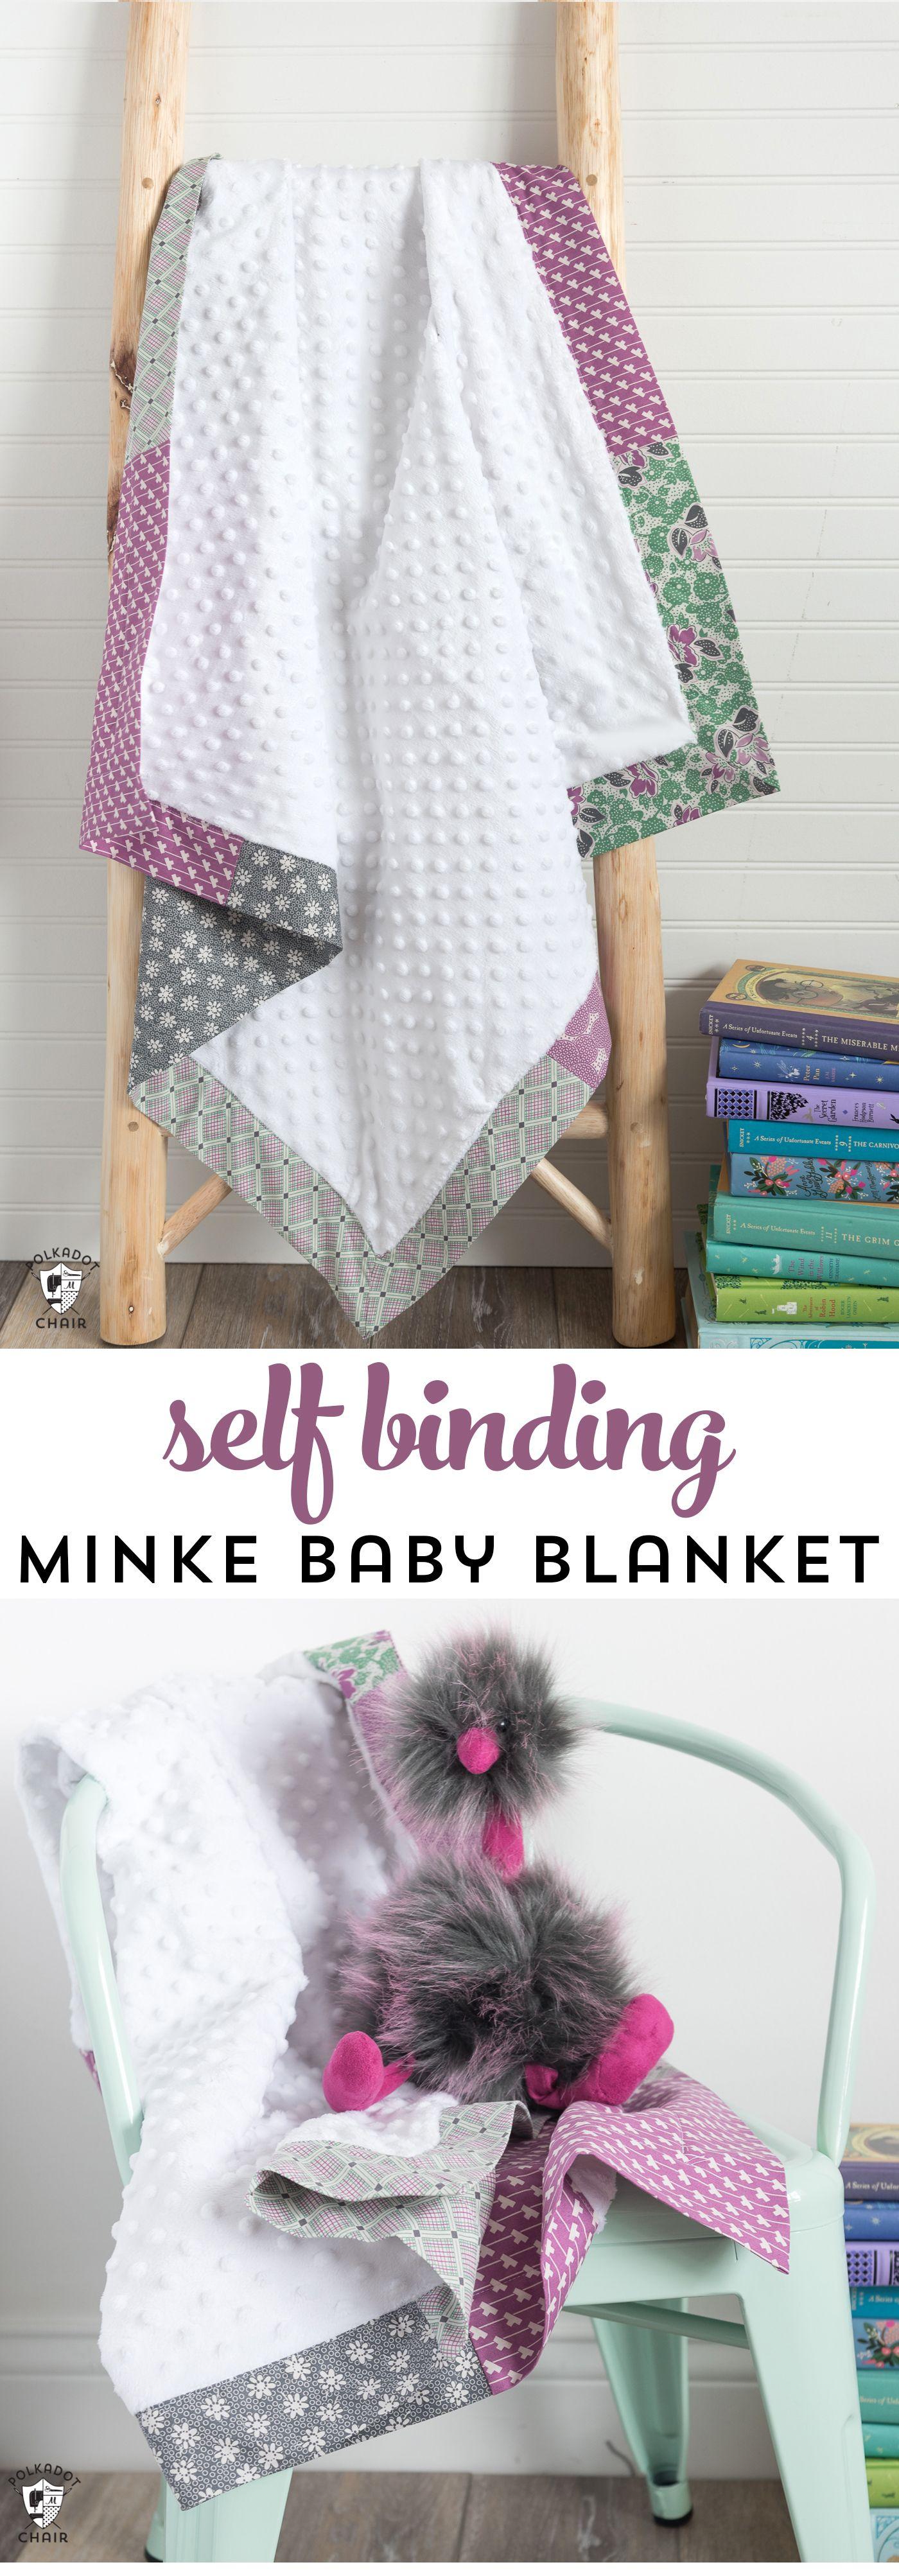 Self binding minke baby blanket tutorial easy baby blanket